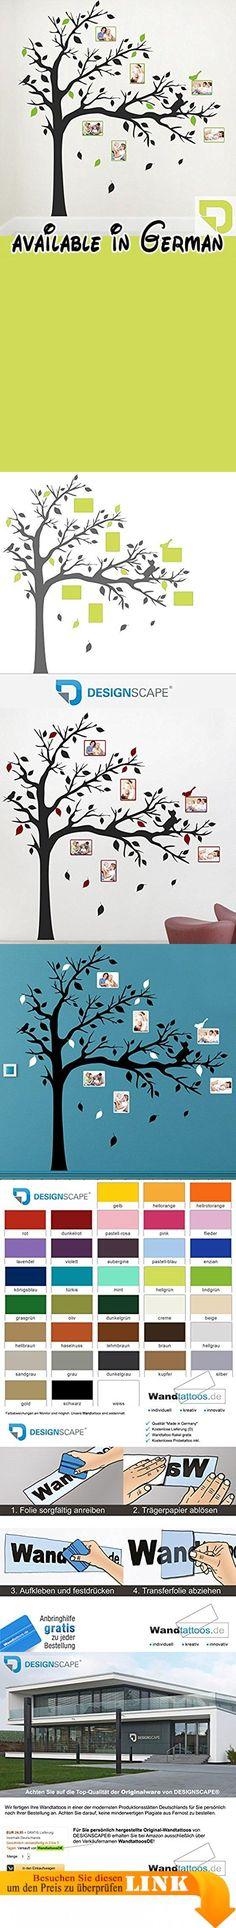 DESIGNSCAPE® Wandtattoo Baum mit Fotorahmen und Katze | Wandtattoo für Fotos 160 x 160 cm (Breite x Höhe) Farbe 1: hellgrün DW807386-M-F87. WICHTIG: Bitte senden Sie uns nach Ihrer Bestellung Ihren Farbwunsch für die Zusatzfarbe (Baum mit Katze und Blätter) per Mail oder über Amazon/Verkäufer kontaktieren. Die übrigen Teile (Fotorahmen und ein Teil der Blätter) werden in der aktuell ausgewählten Farbe 1 gefertigt: hellgrün. Hervorragende Markenqualität von DESIGNSCAPE®.